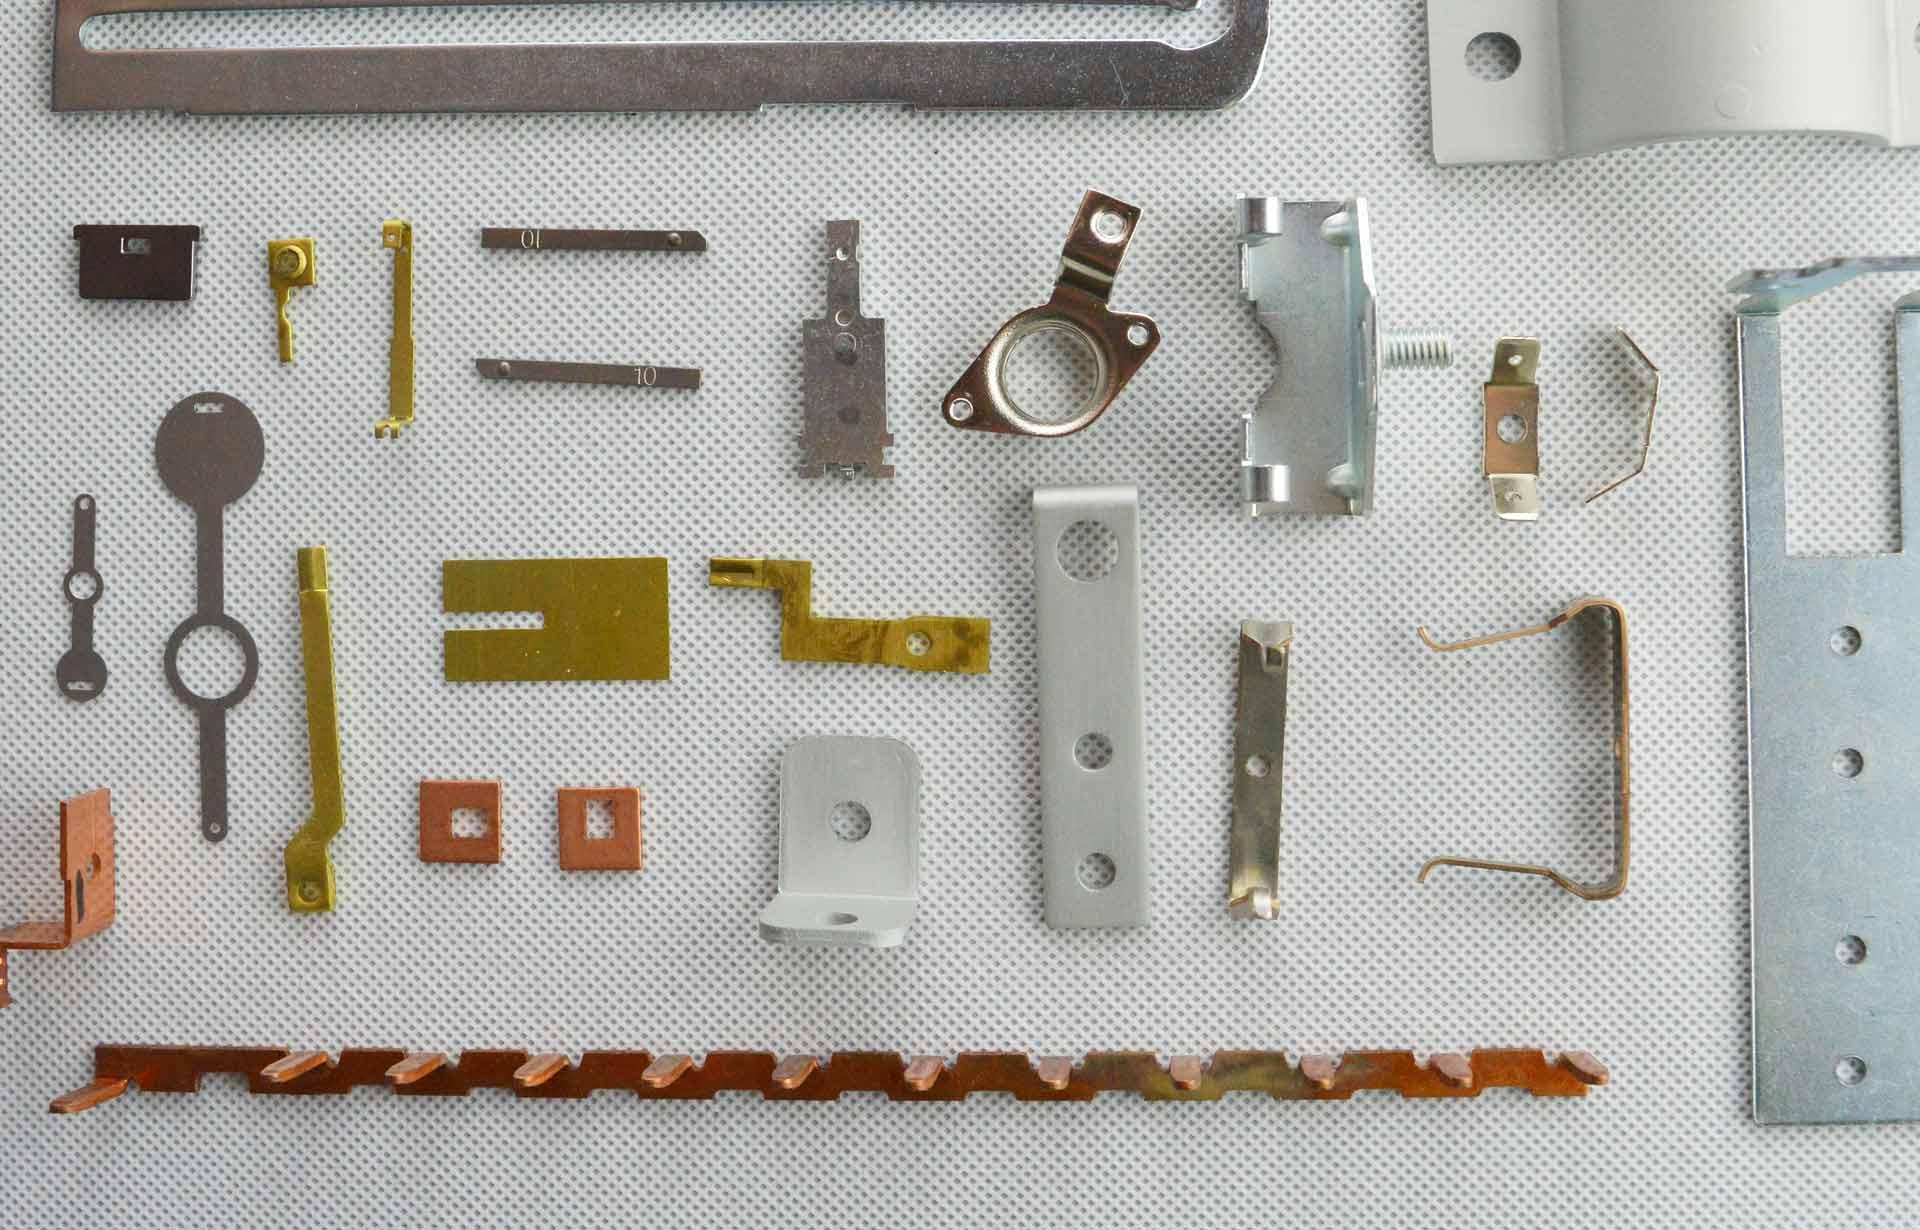 scm-minuterie-metalliche-prodotti-vari3